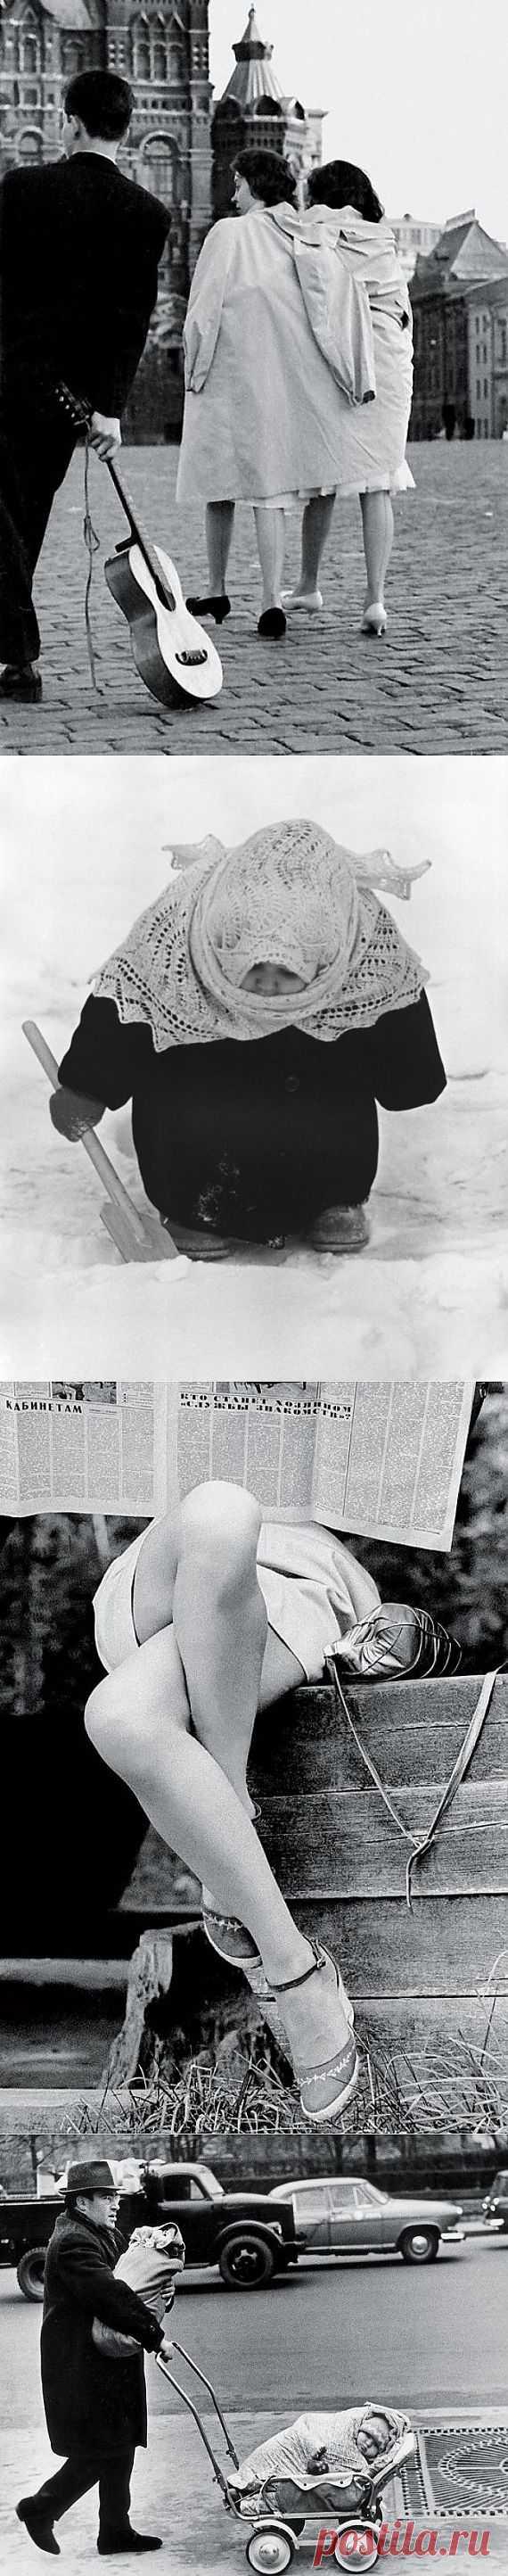 Лучшие советские фотографии галереи им. братьев Люмьер / Обратно в СССР